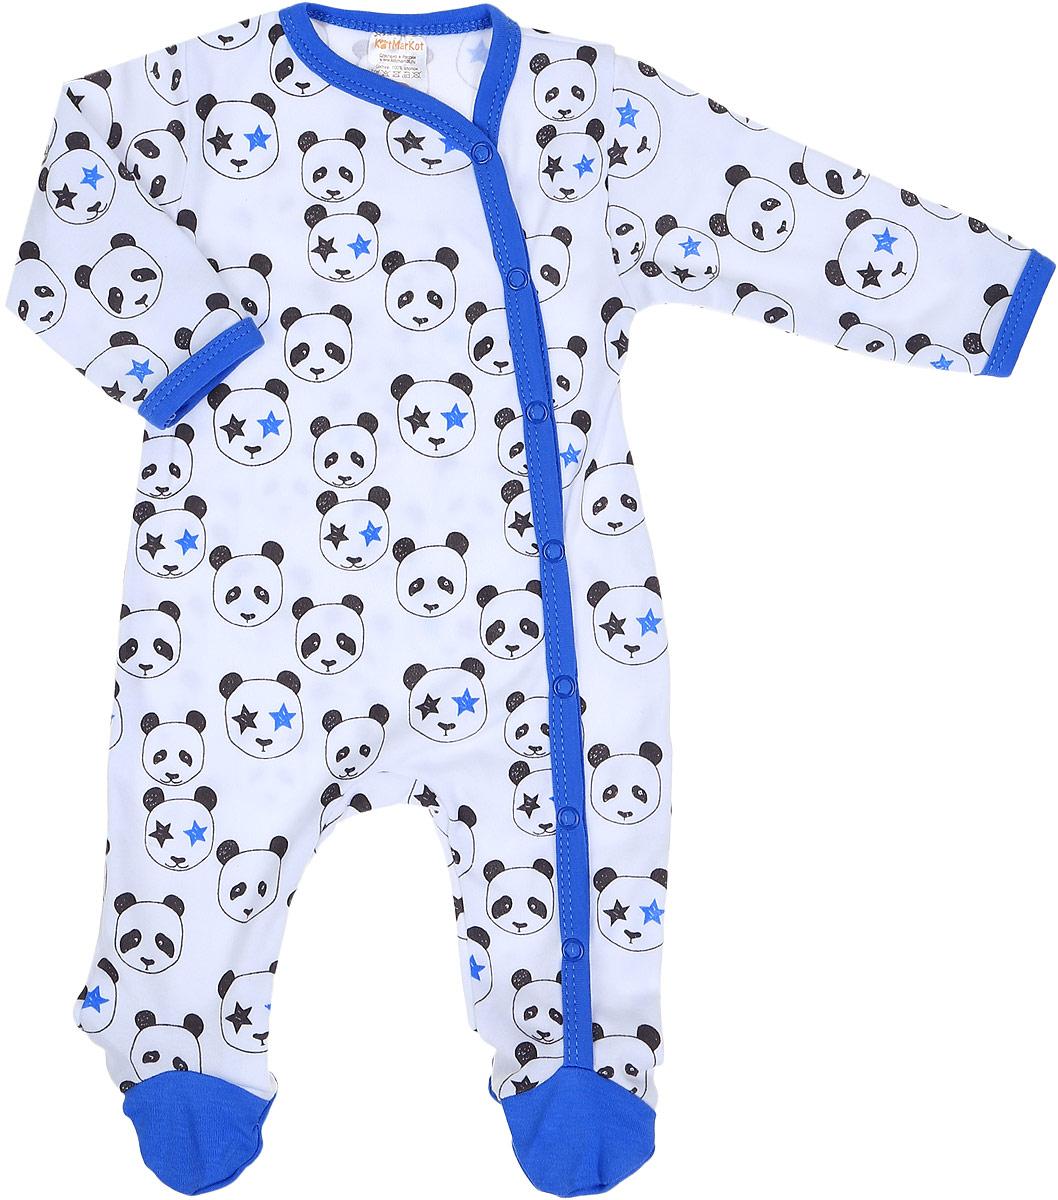 Комбинезон домашний детский КотМарКот Панда Rock, цвет: белый, синий. 6324. Размер 626324Удобный домашний комбинезон с закрытыми ножками КотМарКот Панда Rock изготовлен из интерлока и оформлен принтом с изображением панд. Материал изделия мягкий и тактильно приятный, не раздражает нежную кожу ребенка и хорошо пропускает воздух. Модель с длинными рукавами имеет удобные застежки-кнопки спереди и на одной ножке, что позволит легко переодеть ребенка или сменить подгузник. Круглый вырез горловины дополнен мягкой эластичной бейкой контрастного цвета. Изделие полностью соответствует особенностям жизни ребенка в ранний период, не стесняя и не ограничивая его в движениях.